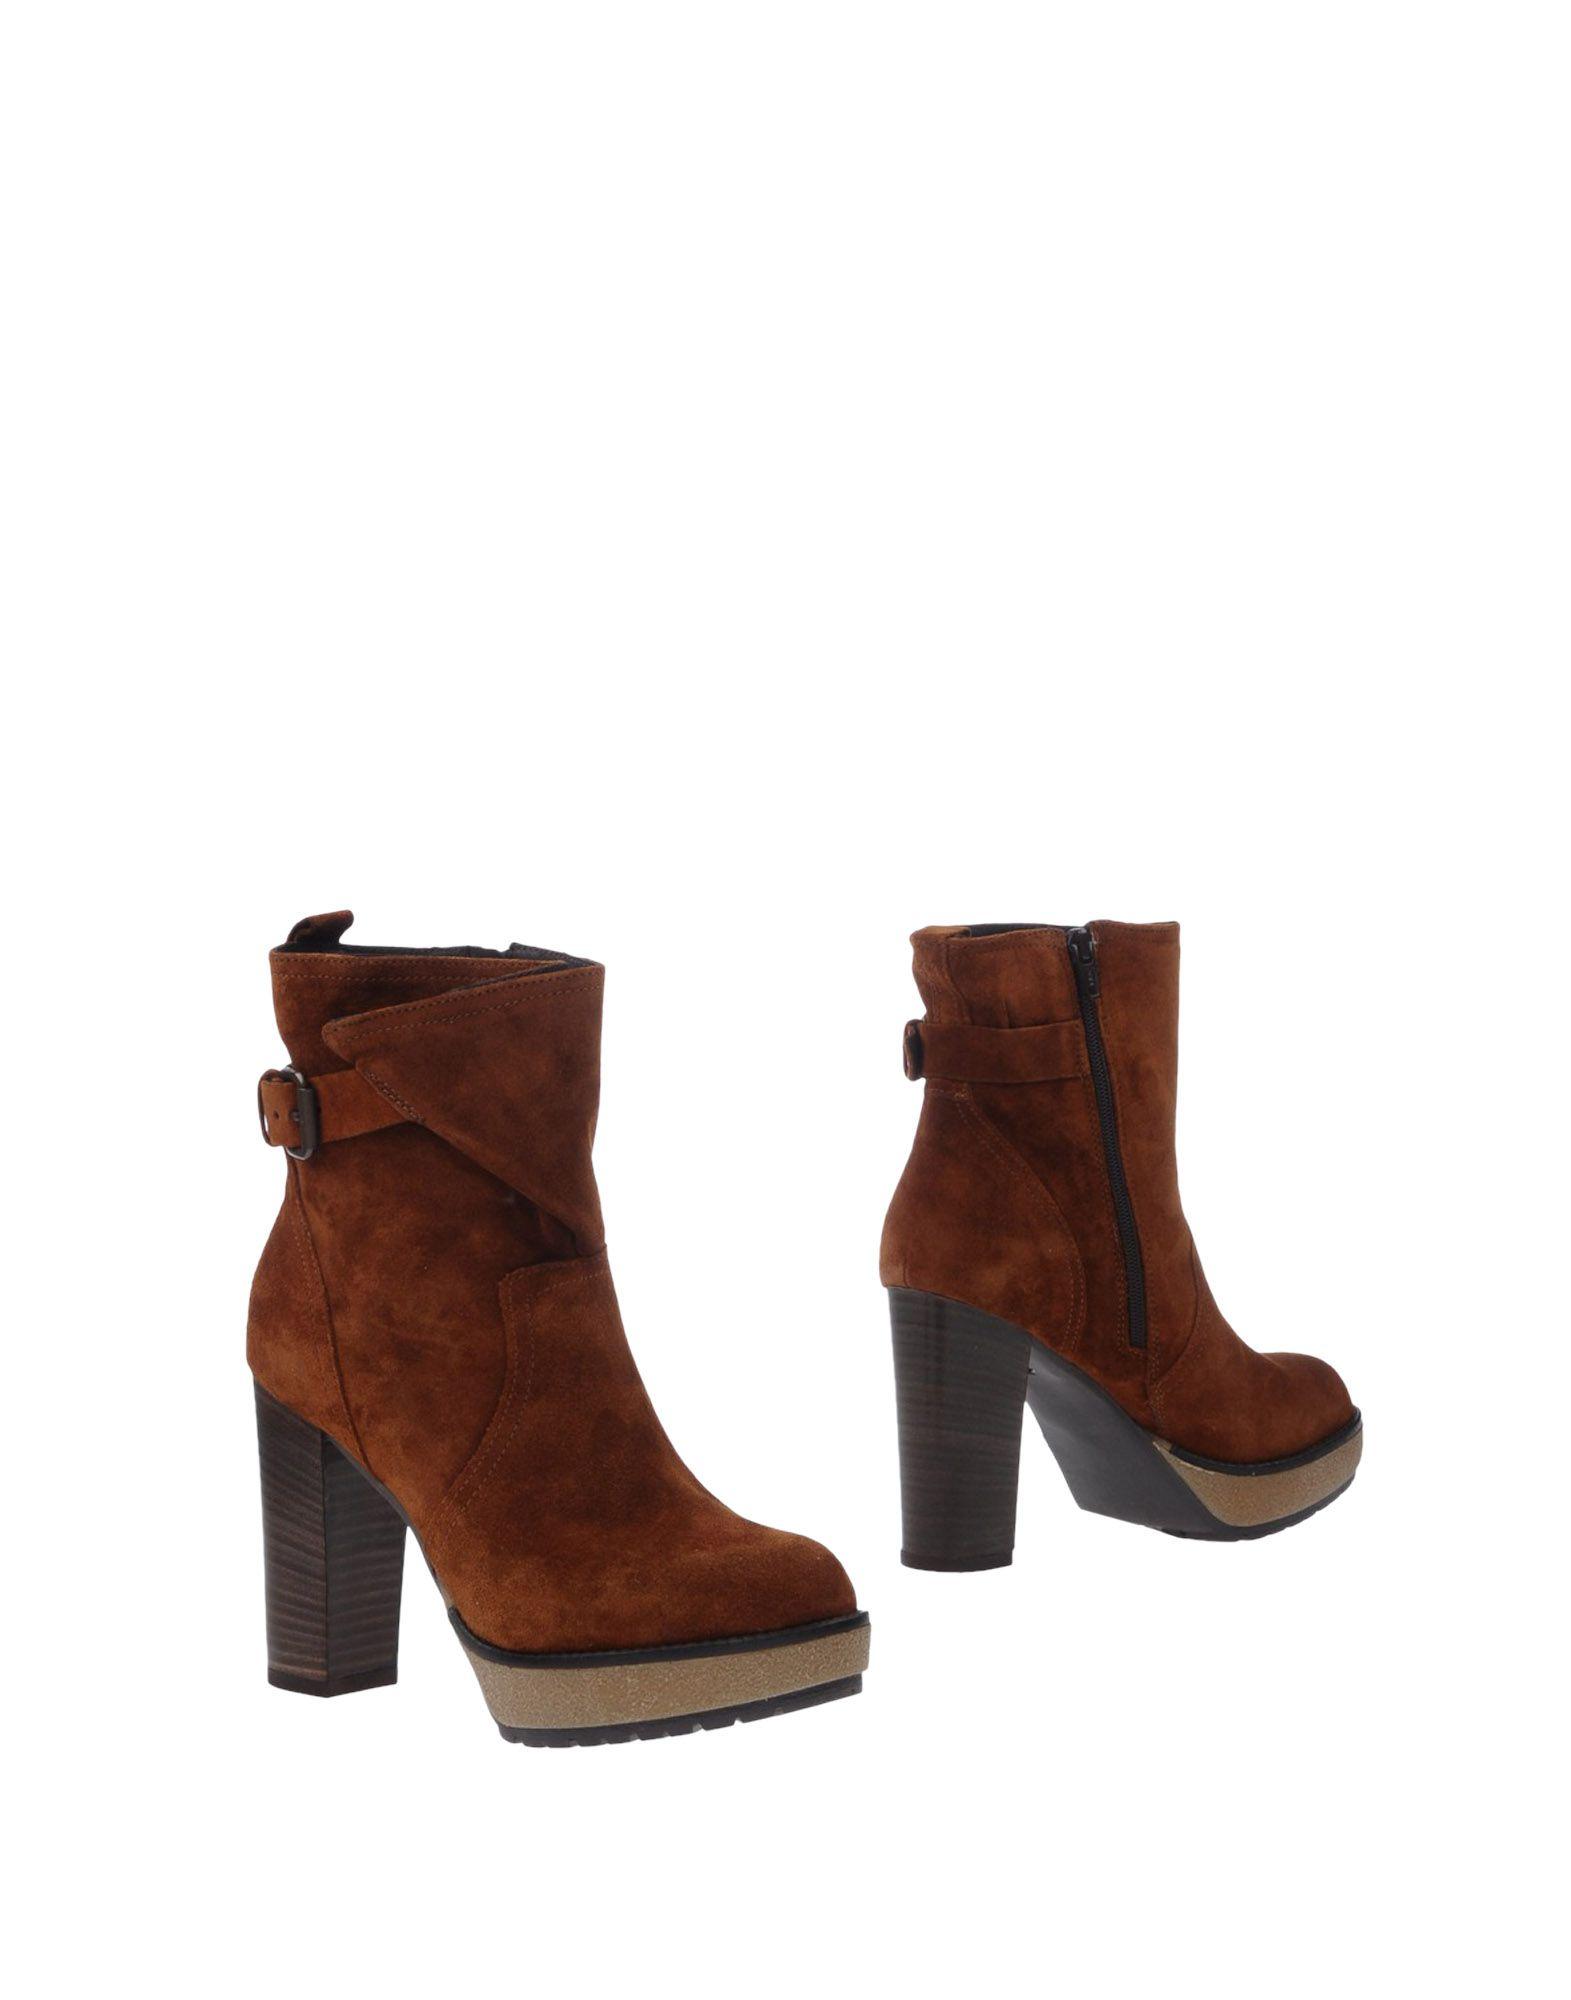 Manas Stiefelette Damen  11210860RA Gute Gute 11210860RA Qualität beliebte Schuhe 69f601